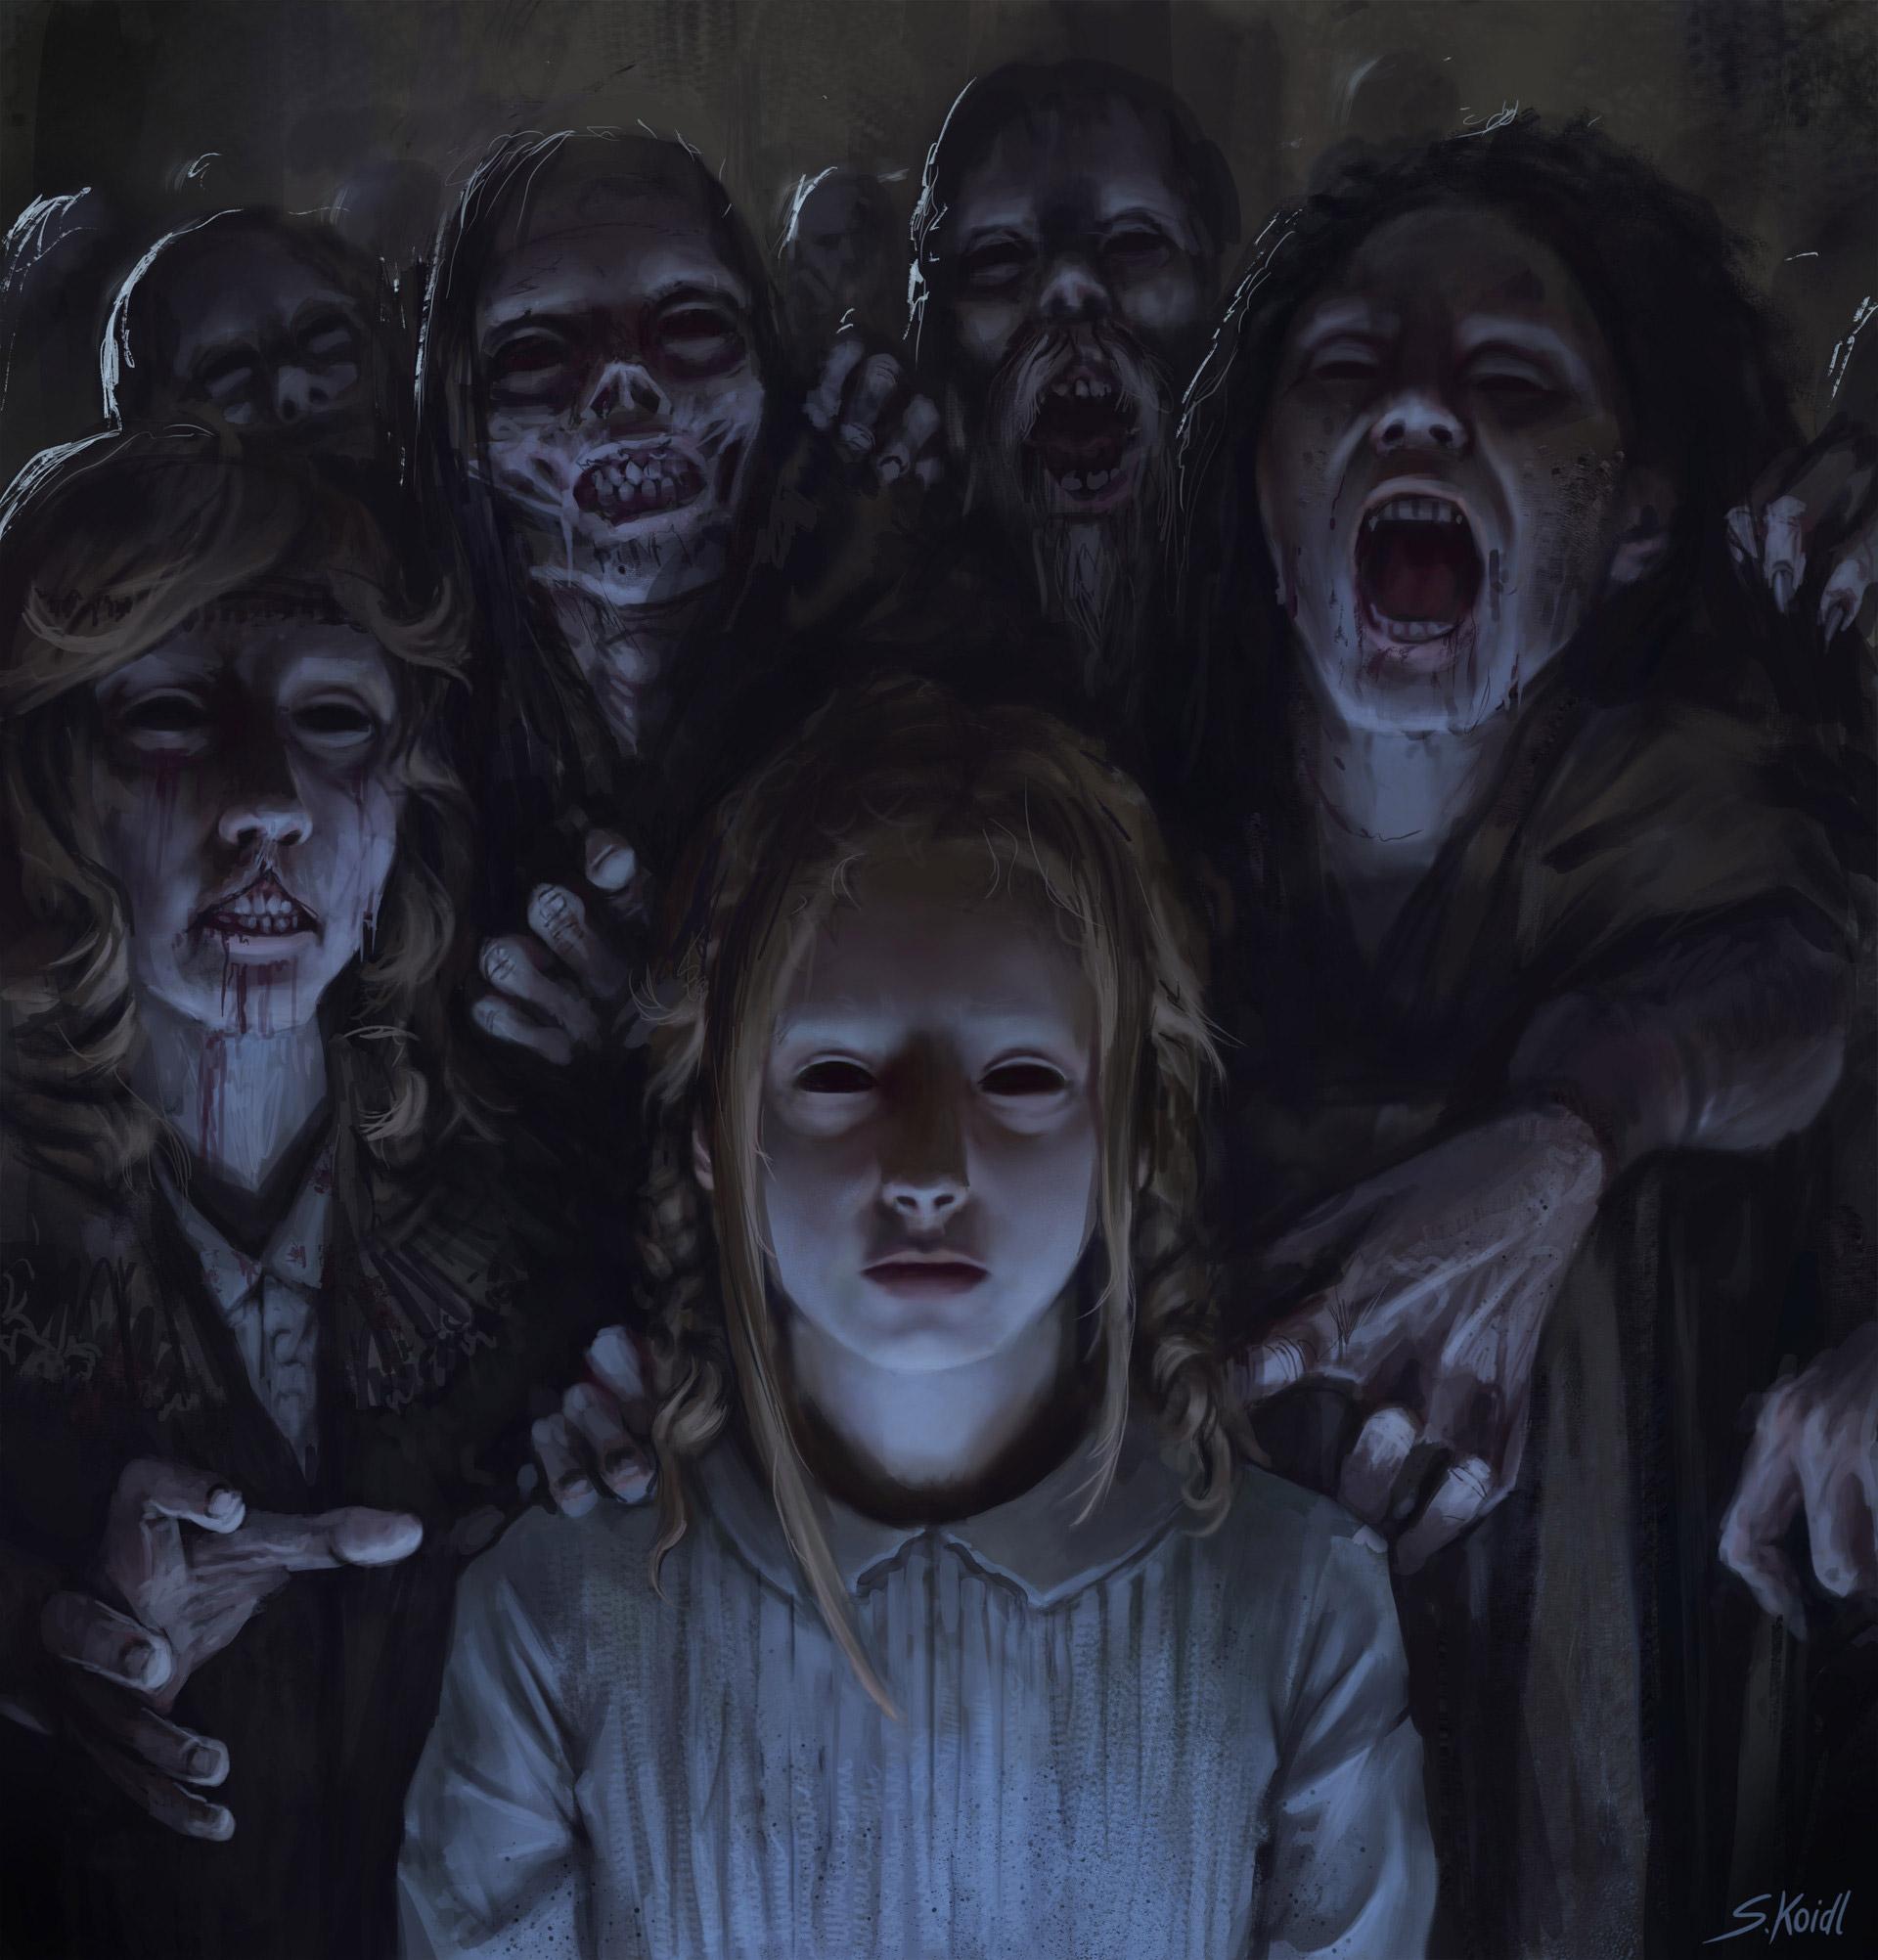 The Dark Fantasy Artworks of Stefan Koidl